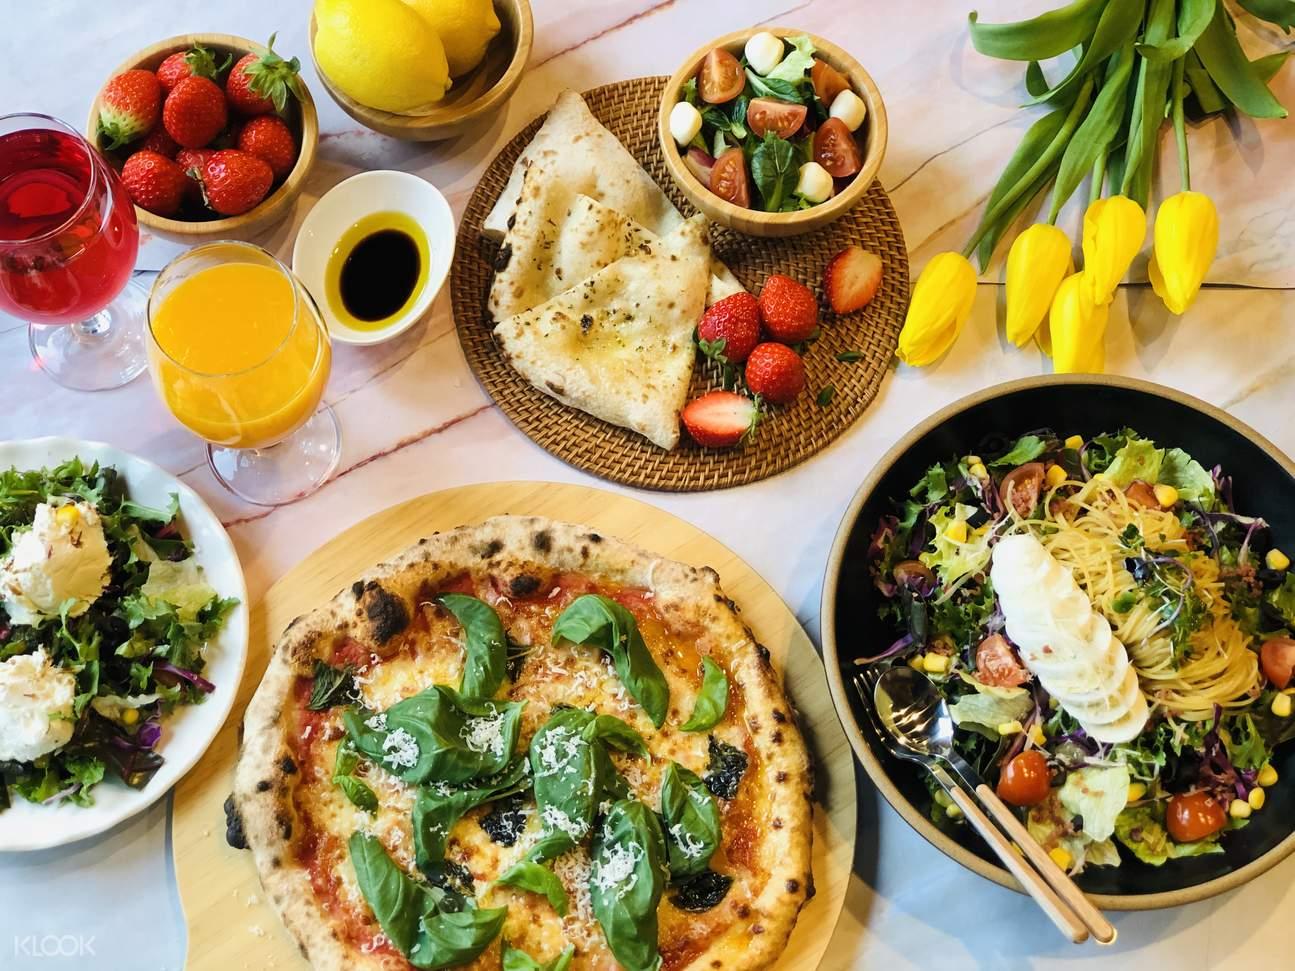 나들이에는 식도락이 필수! 카페 & 레스토랑 바우처로 남이섬에서의 맛있는 여유를 즐기세요.